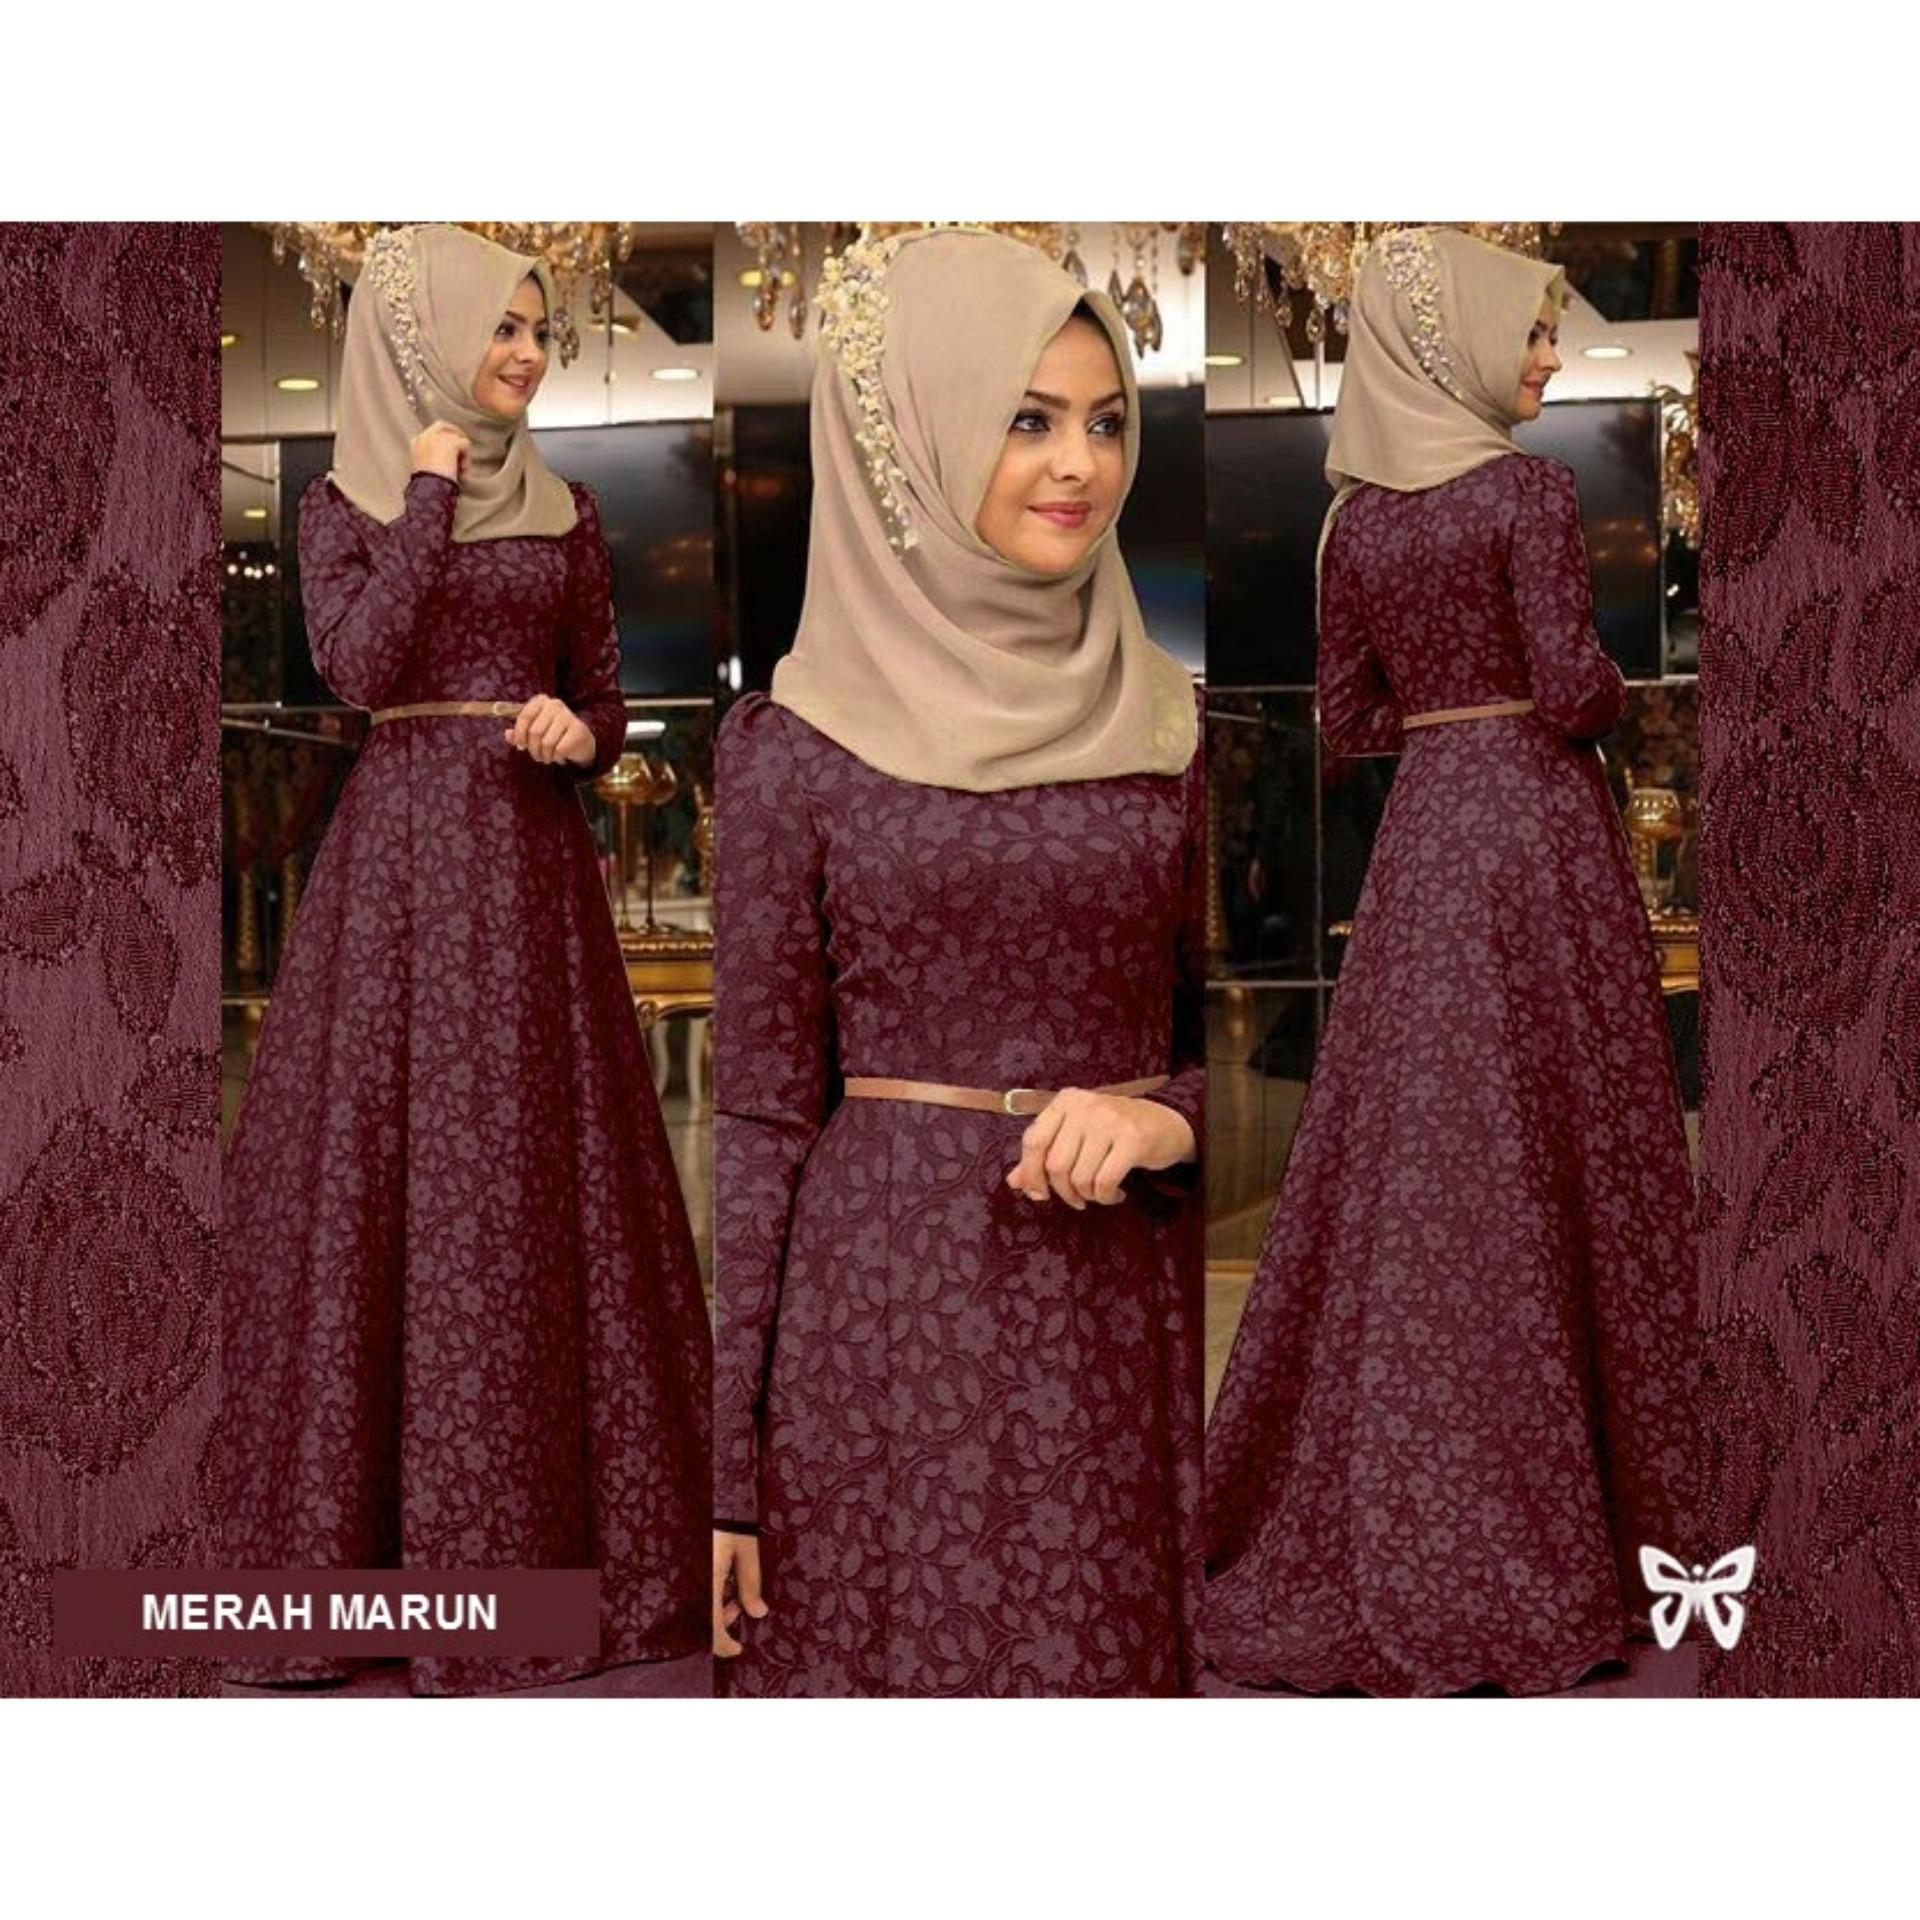 Flavia Store Maxi Dress Lengan Panjang Set 2 in 1 FS0075 - MERAH MARUN / Gamis